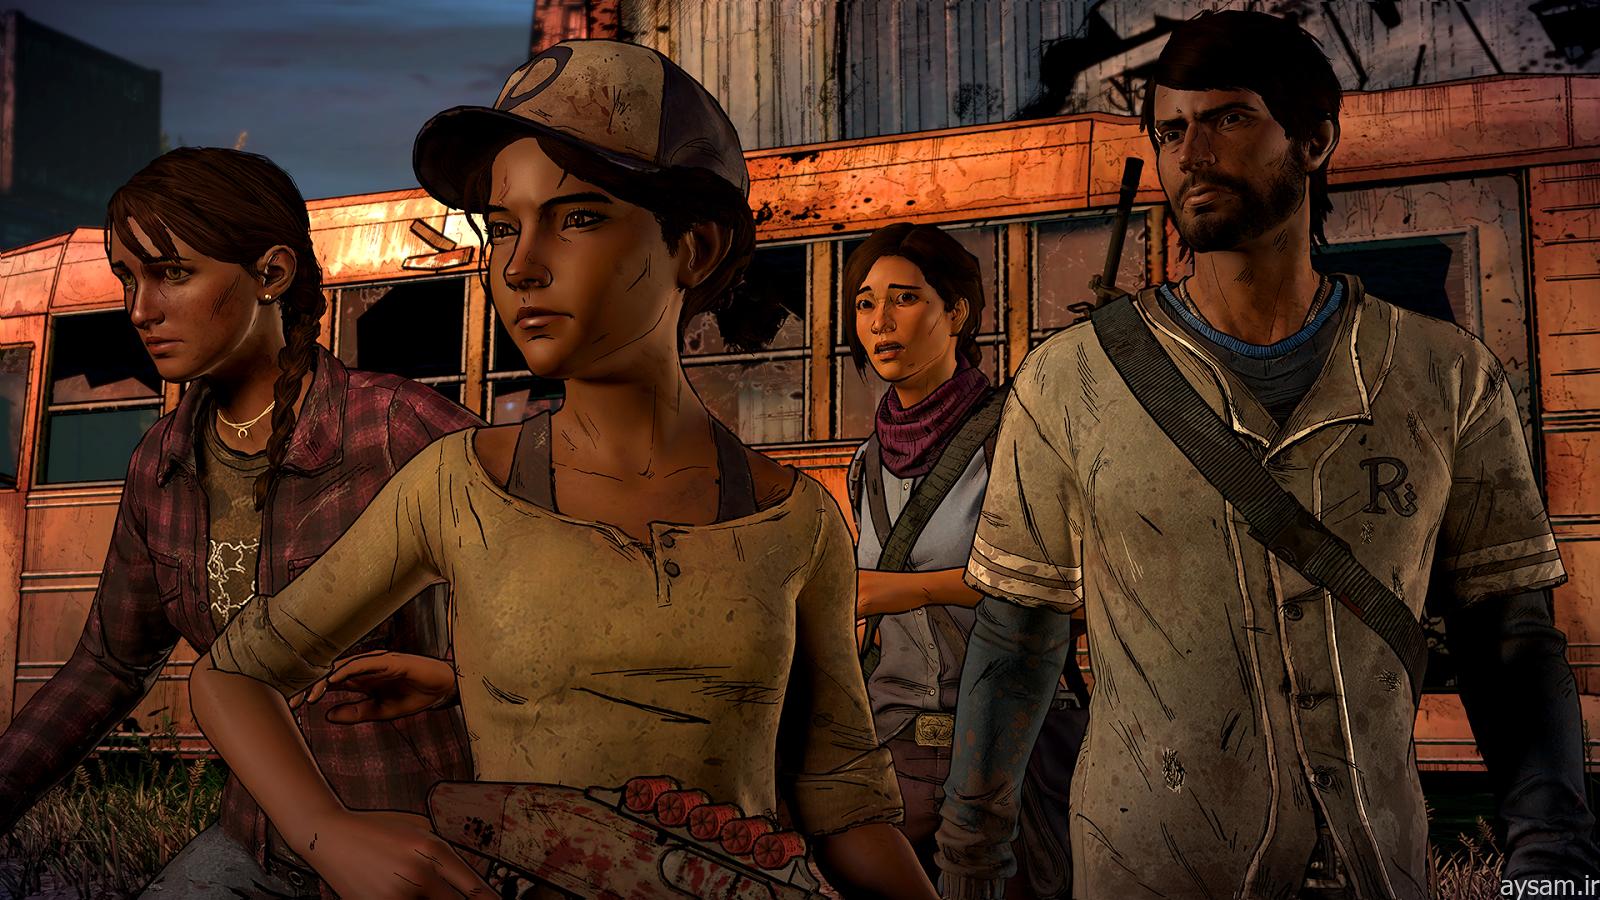 سال ۲۰۱۲ بود که استودیوی محبوب ادونچر ساز تل تیل (Telltale Games) با ایجاد تغییری اساسی در رویکرد بازی هایش عنوان موفق The Walking Dead را به ازار عرضه کرد. موفقیت های این اثر به قدری بود که حتی تا پای نامزد شدن برای بهترین بازی سال نیز پیش رفت و حتی توانست رقبای سرسختی همانند Dishonored